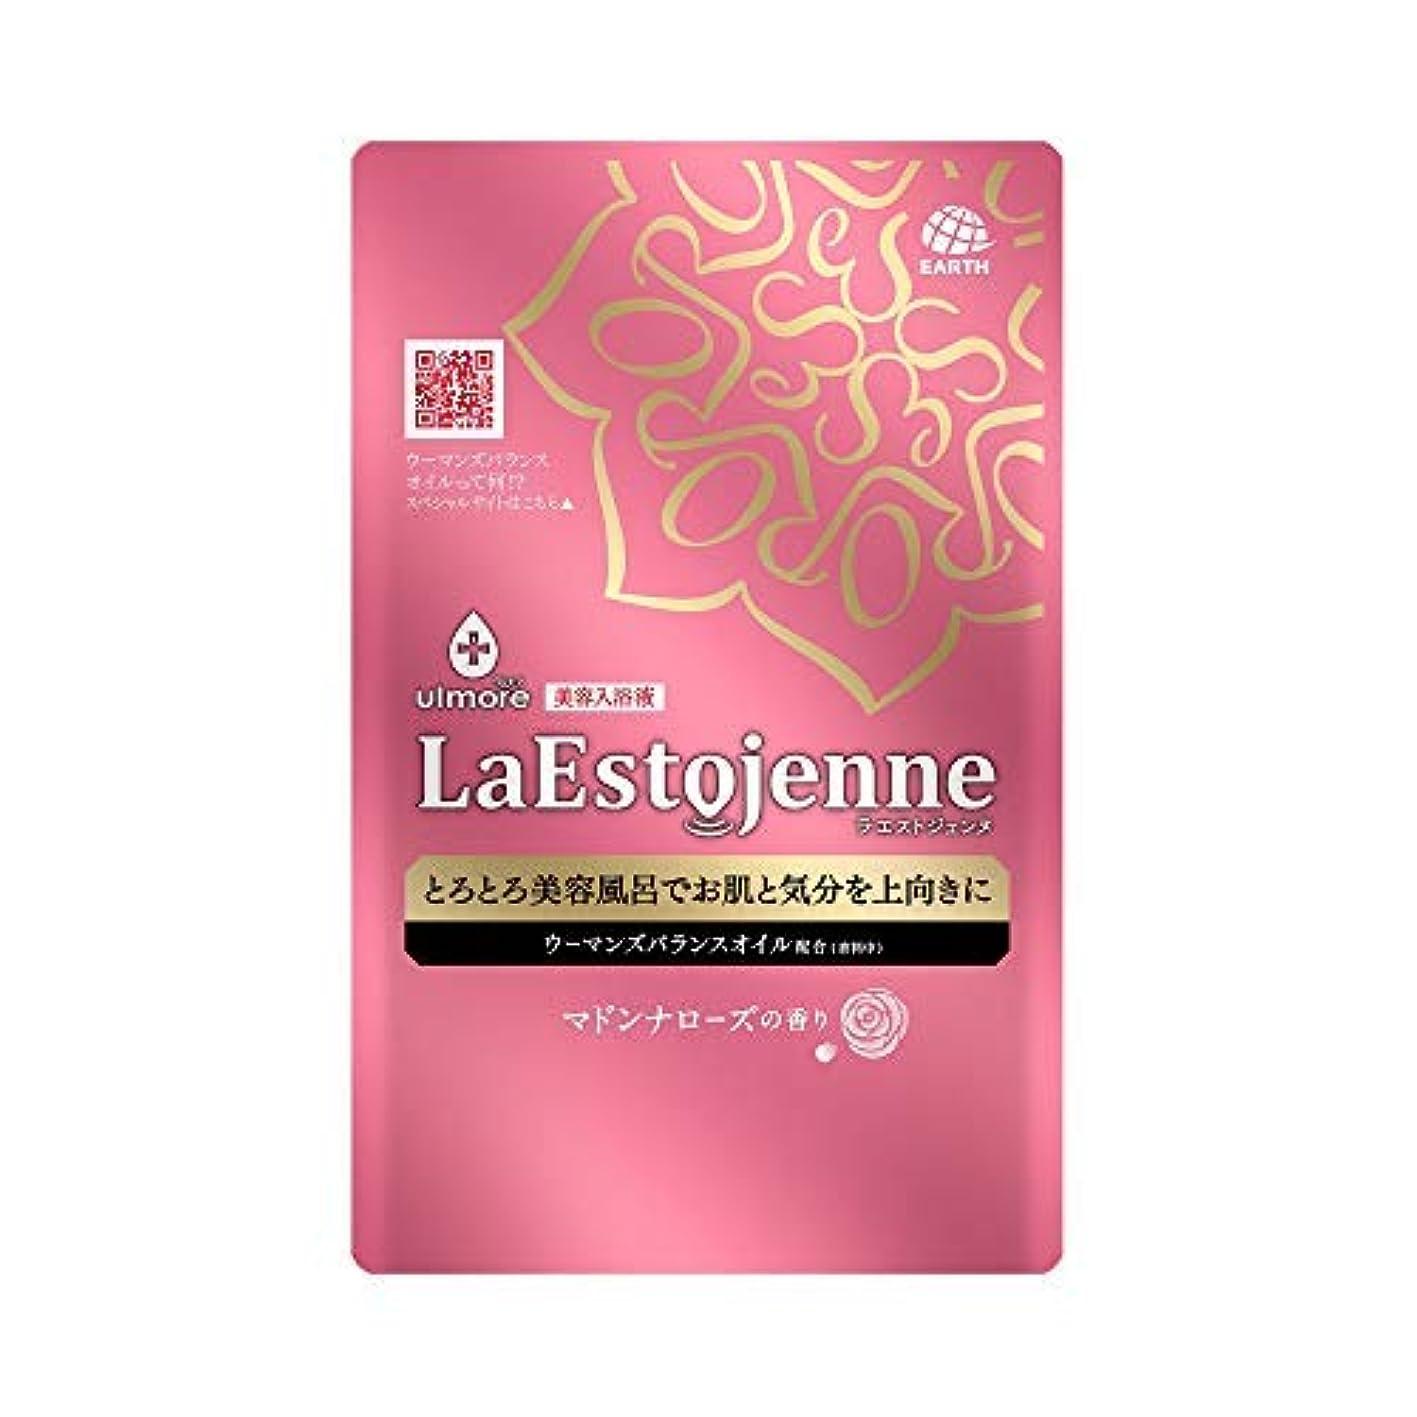 通信網保証するグレートオークウルモア ラエストジェンヌ マドンナローズの香り 1包 × 4個セット